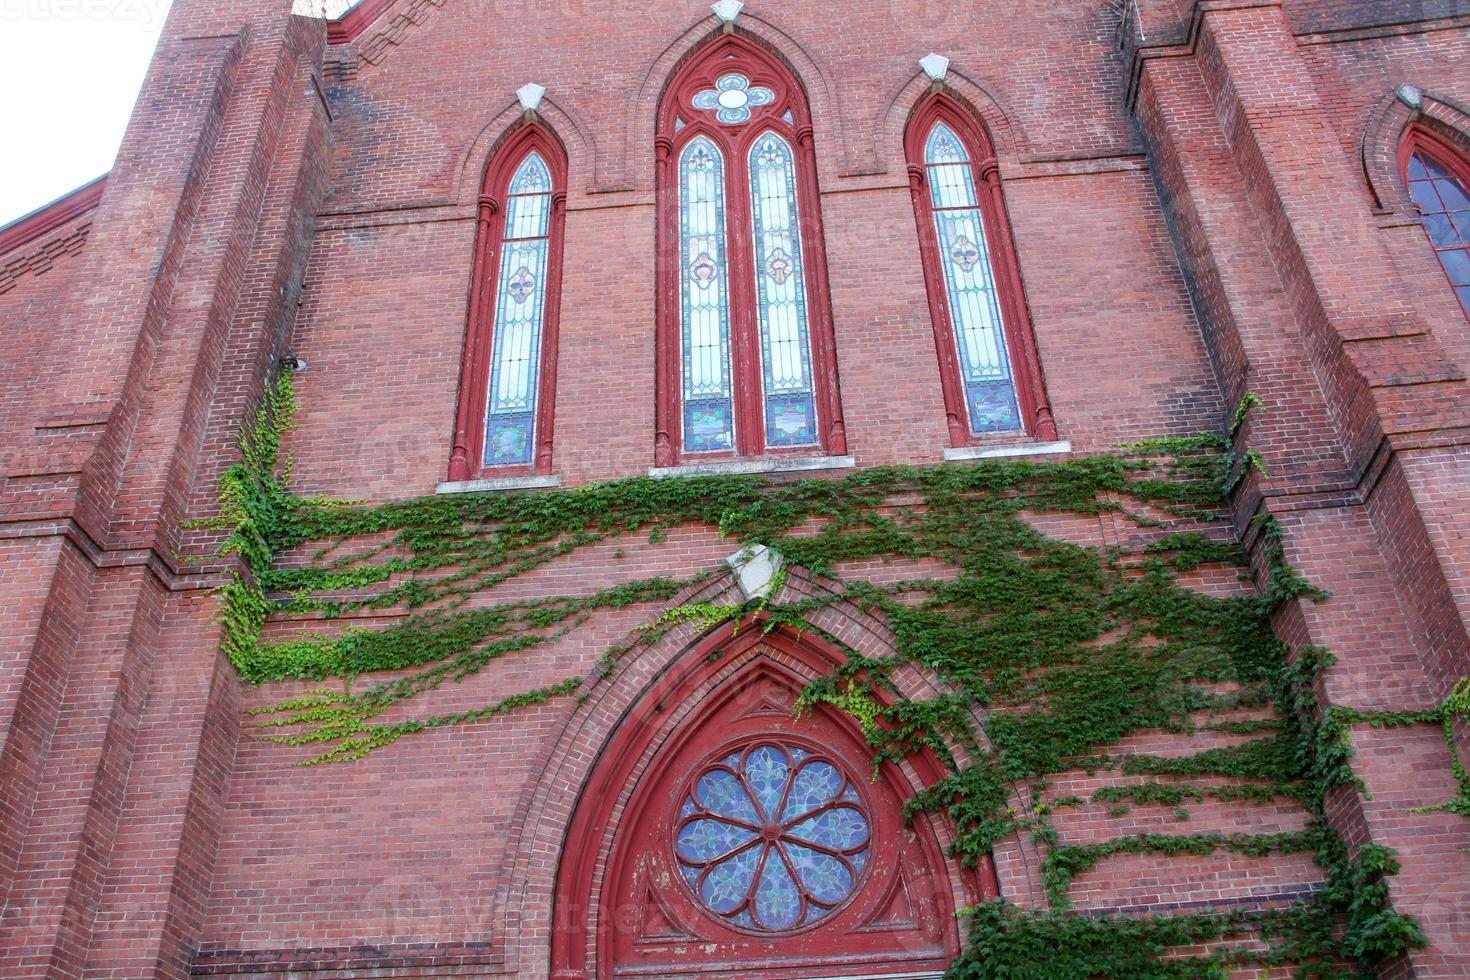 Ventanas ornamentadas de la iglesia metodista, en el centro de Keene, New Hampshire. foto